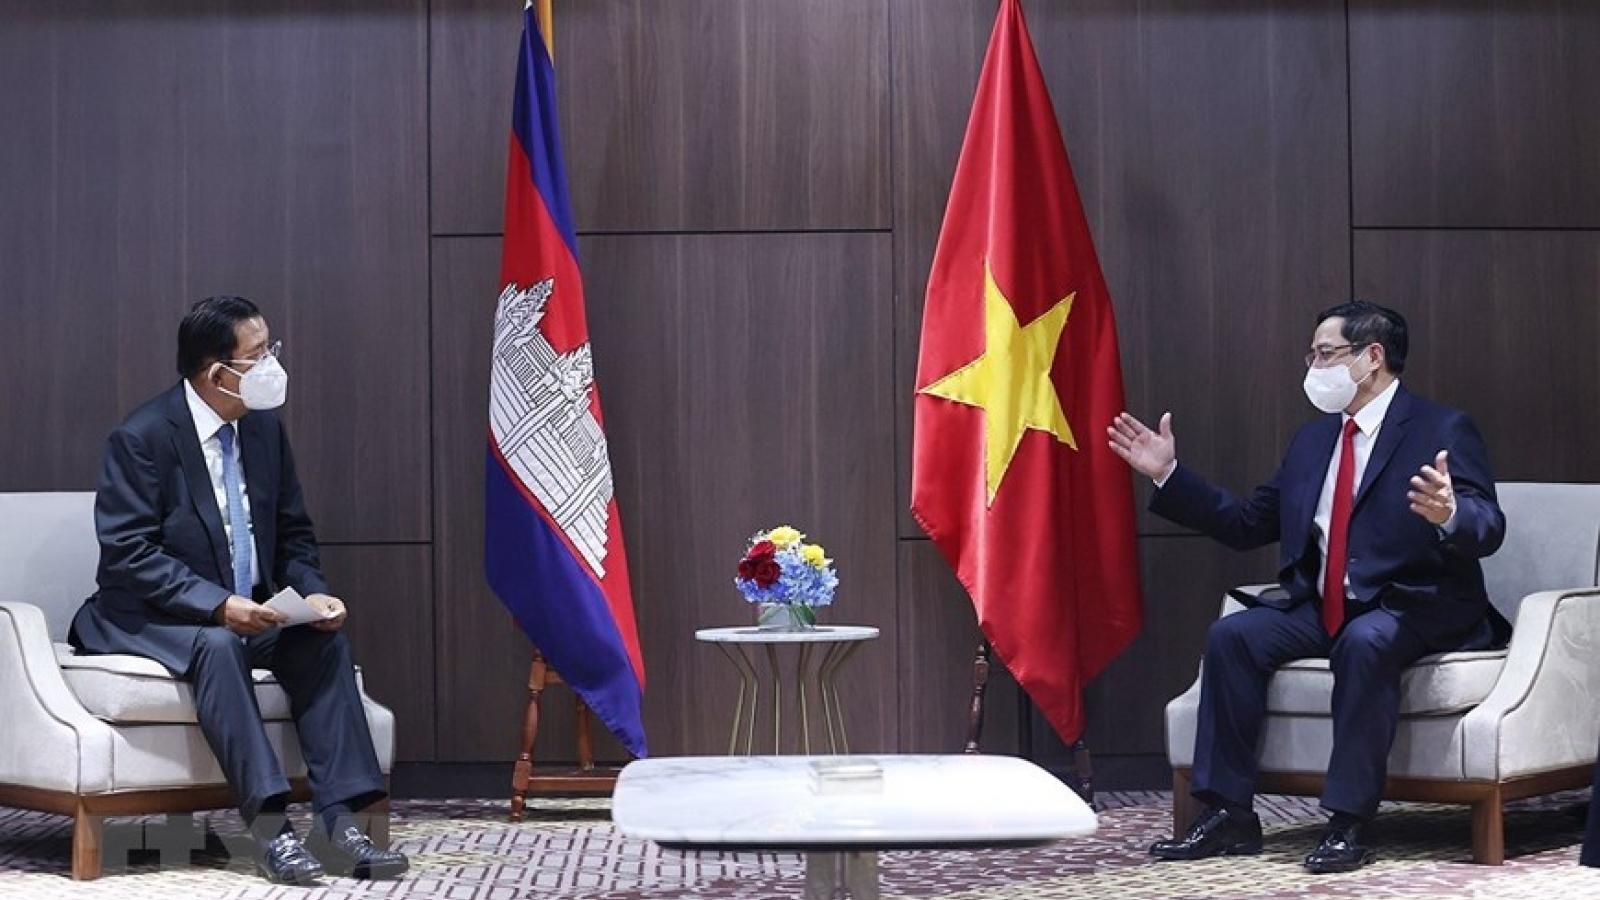 Thủ tướng: Việt Nam sẵn sàng hỗ trợ Campuchia phòng, chống dịch bệnh